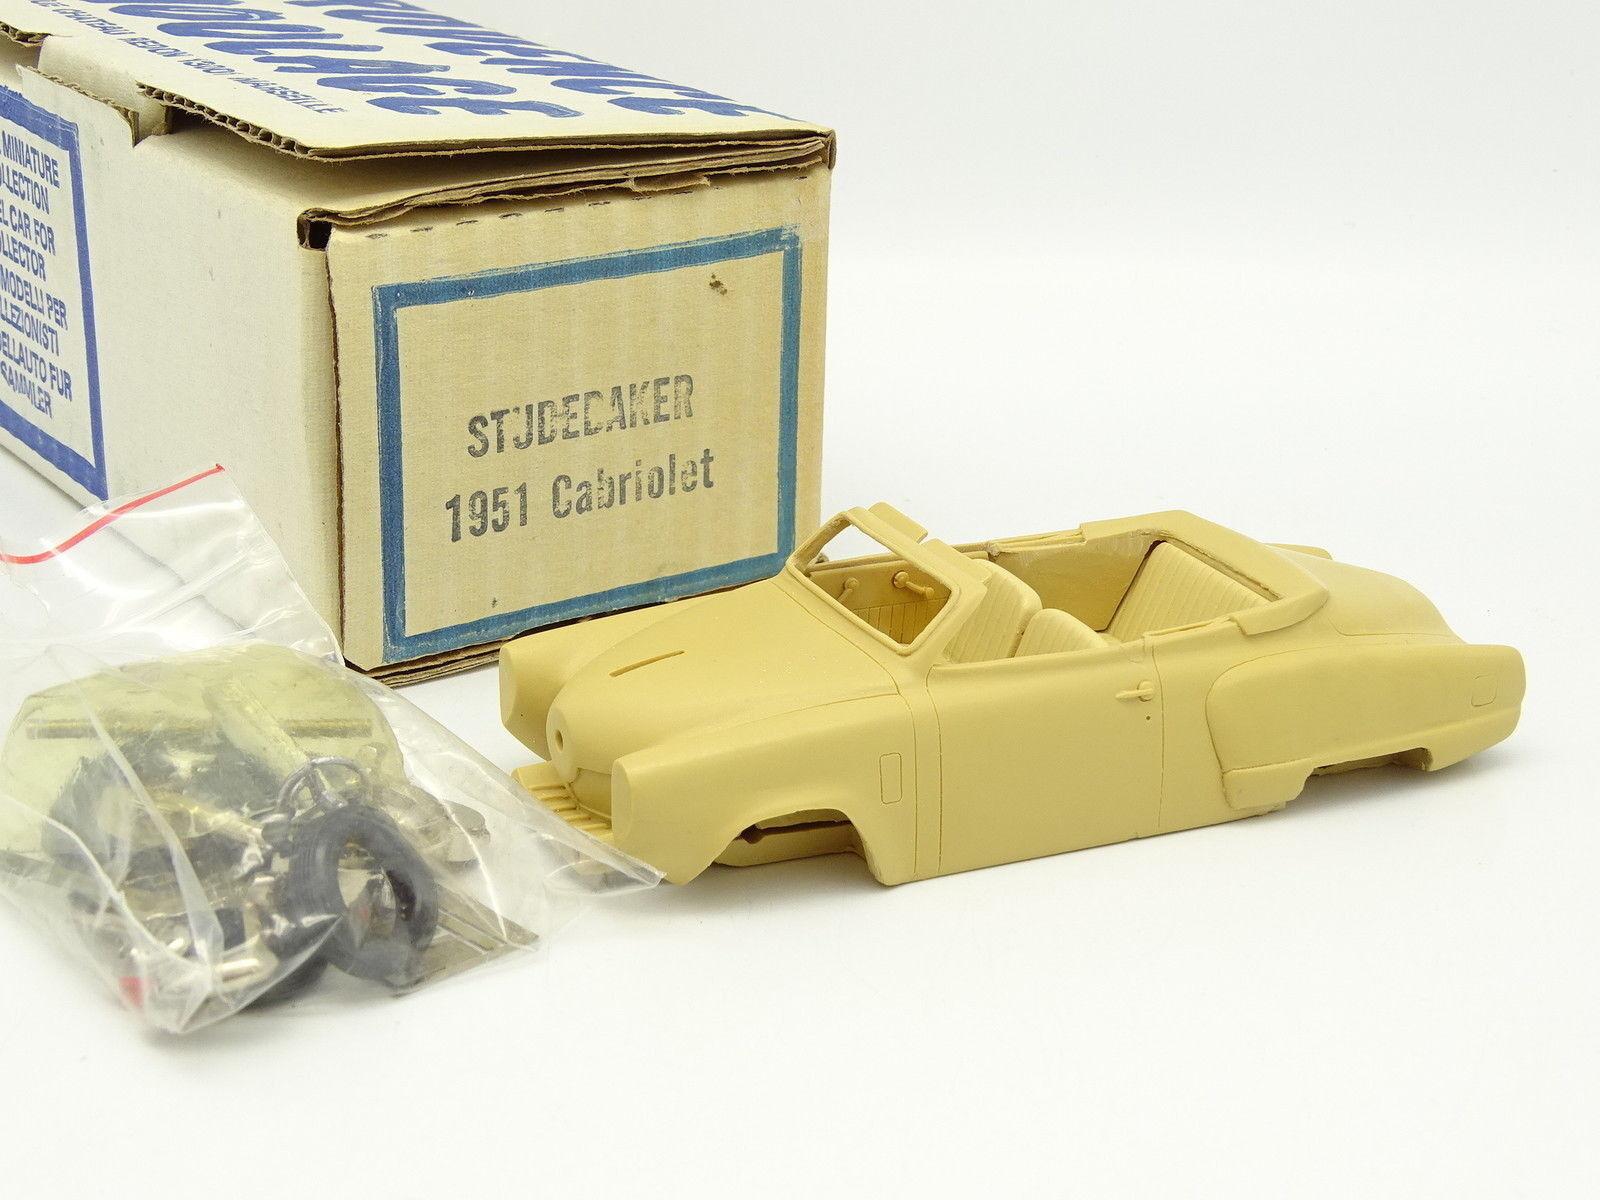 Provence Moulding Moulding Moulding Kit to assemble 1 43 - Studebaker Champion 1951 Cabriolet ec3203